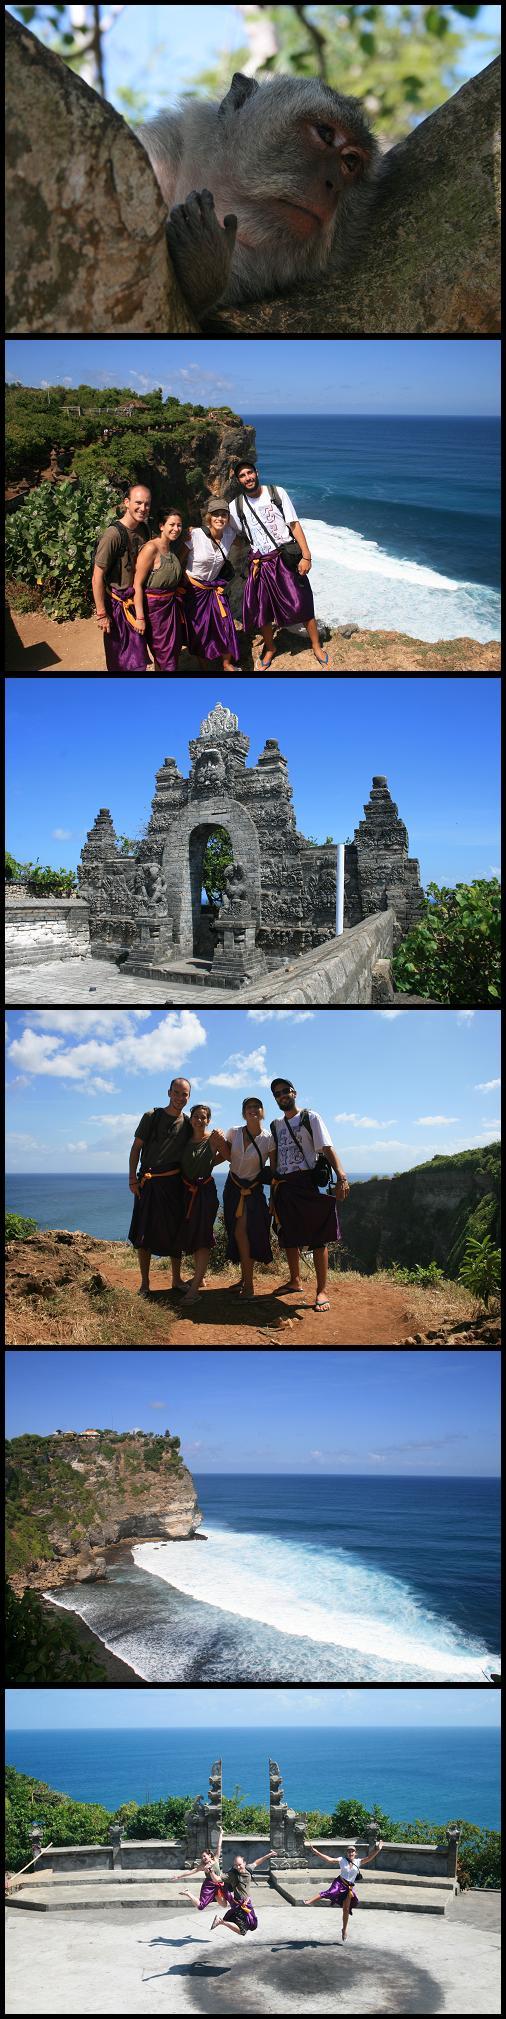 Uluwatu Cliff Temple